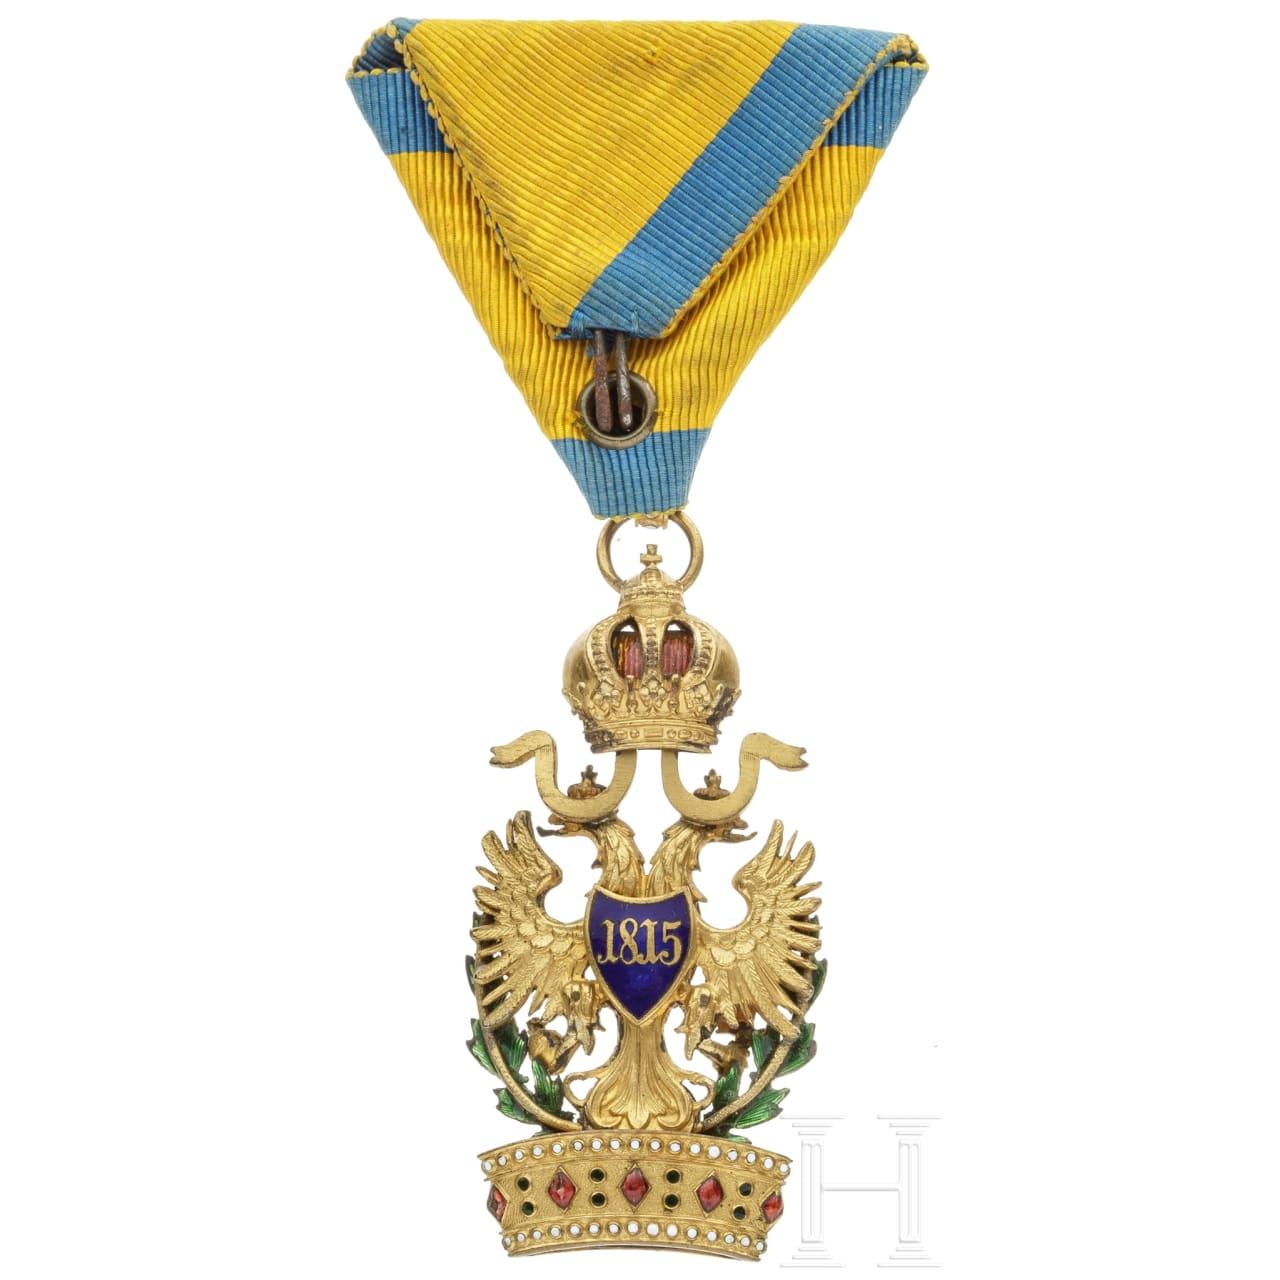 Kaiserlich österreichischer Orden der Eisernen Krone, 3. Klasse (Ritterkreuz), mit Kriegsdekoration (KD)